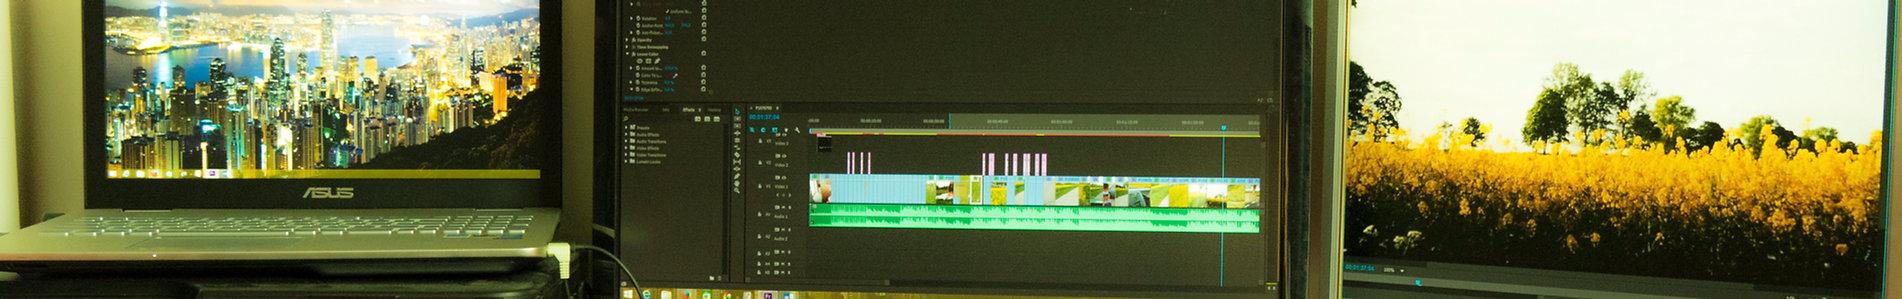 Stacja montazu wideo